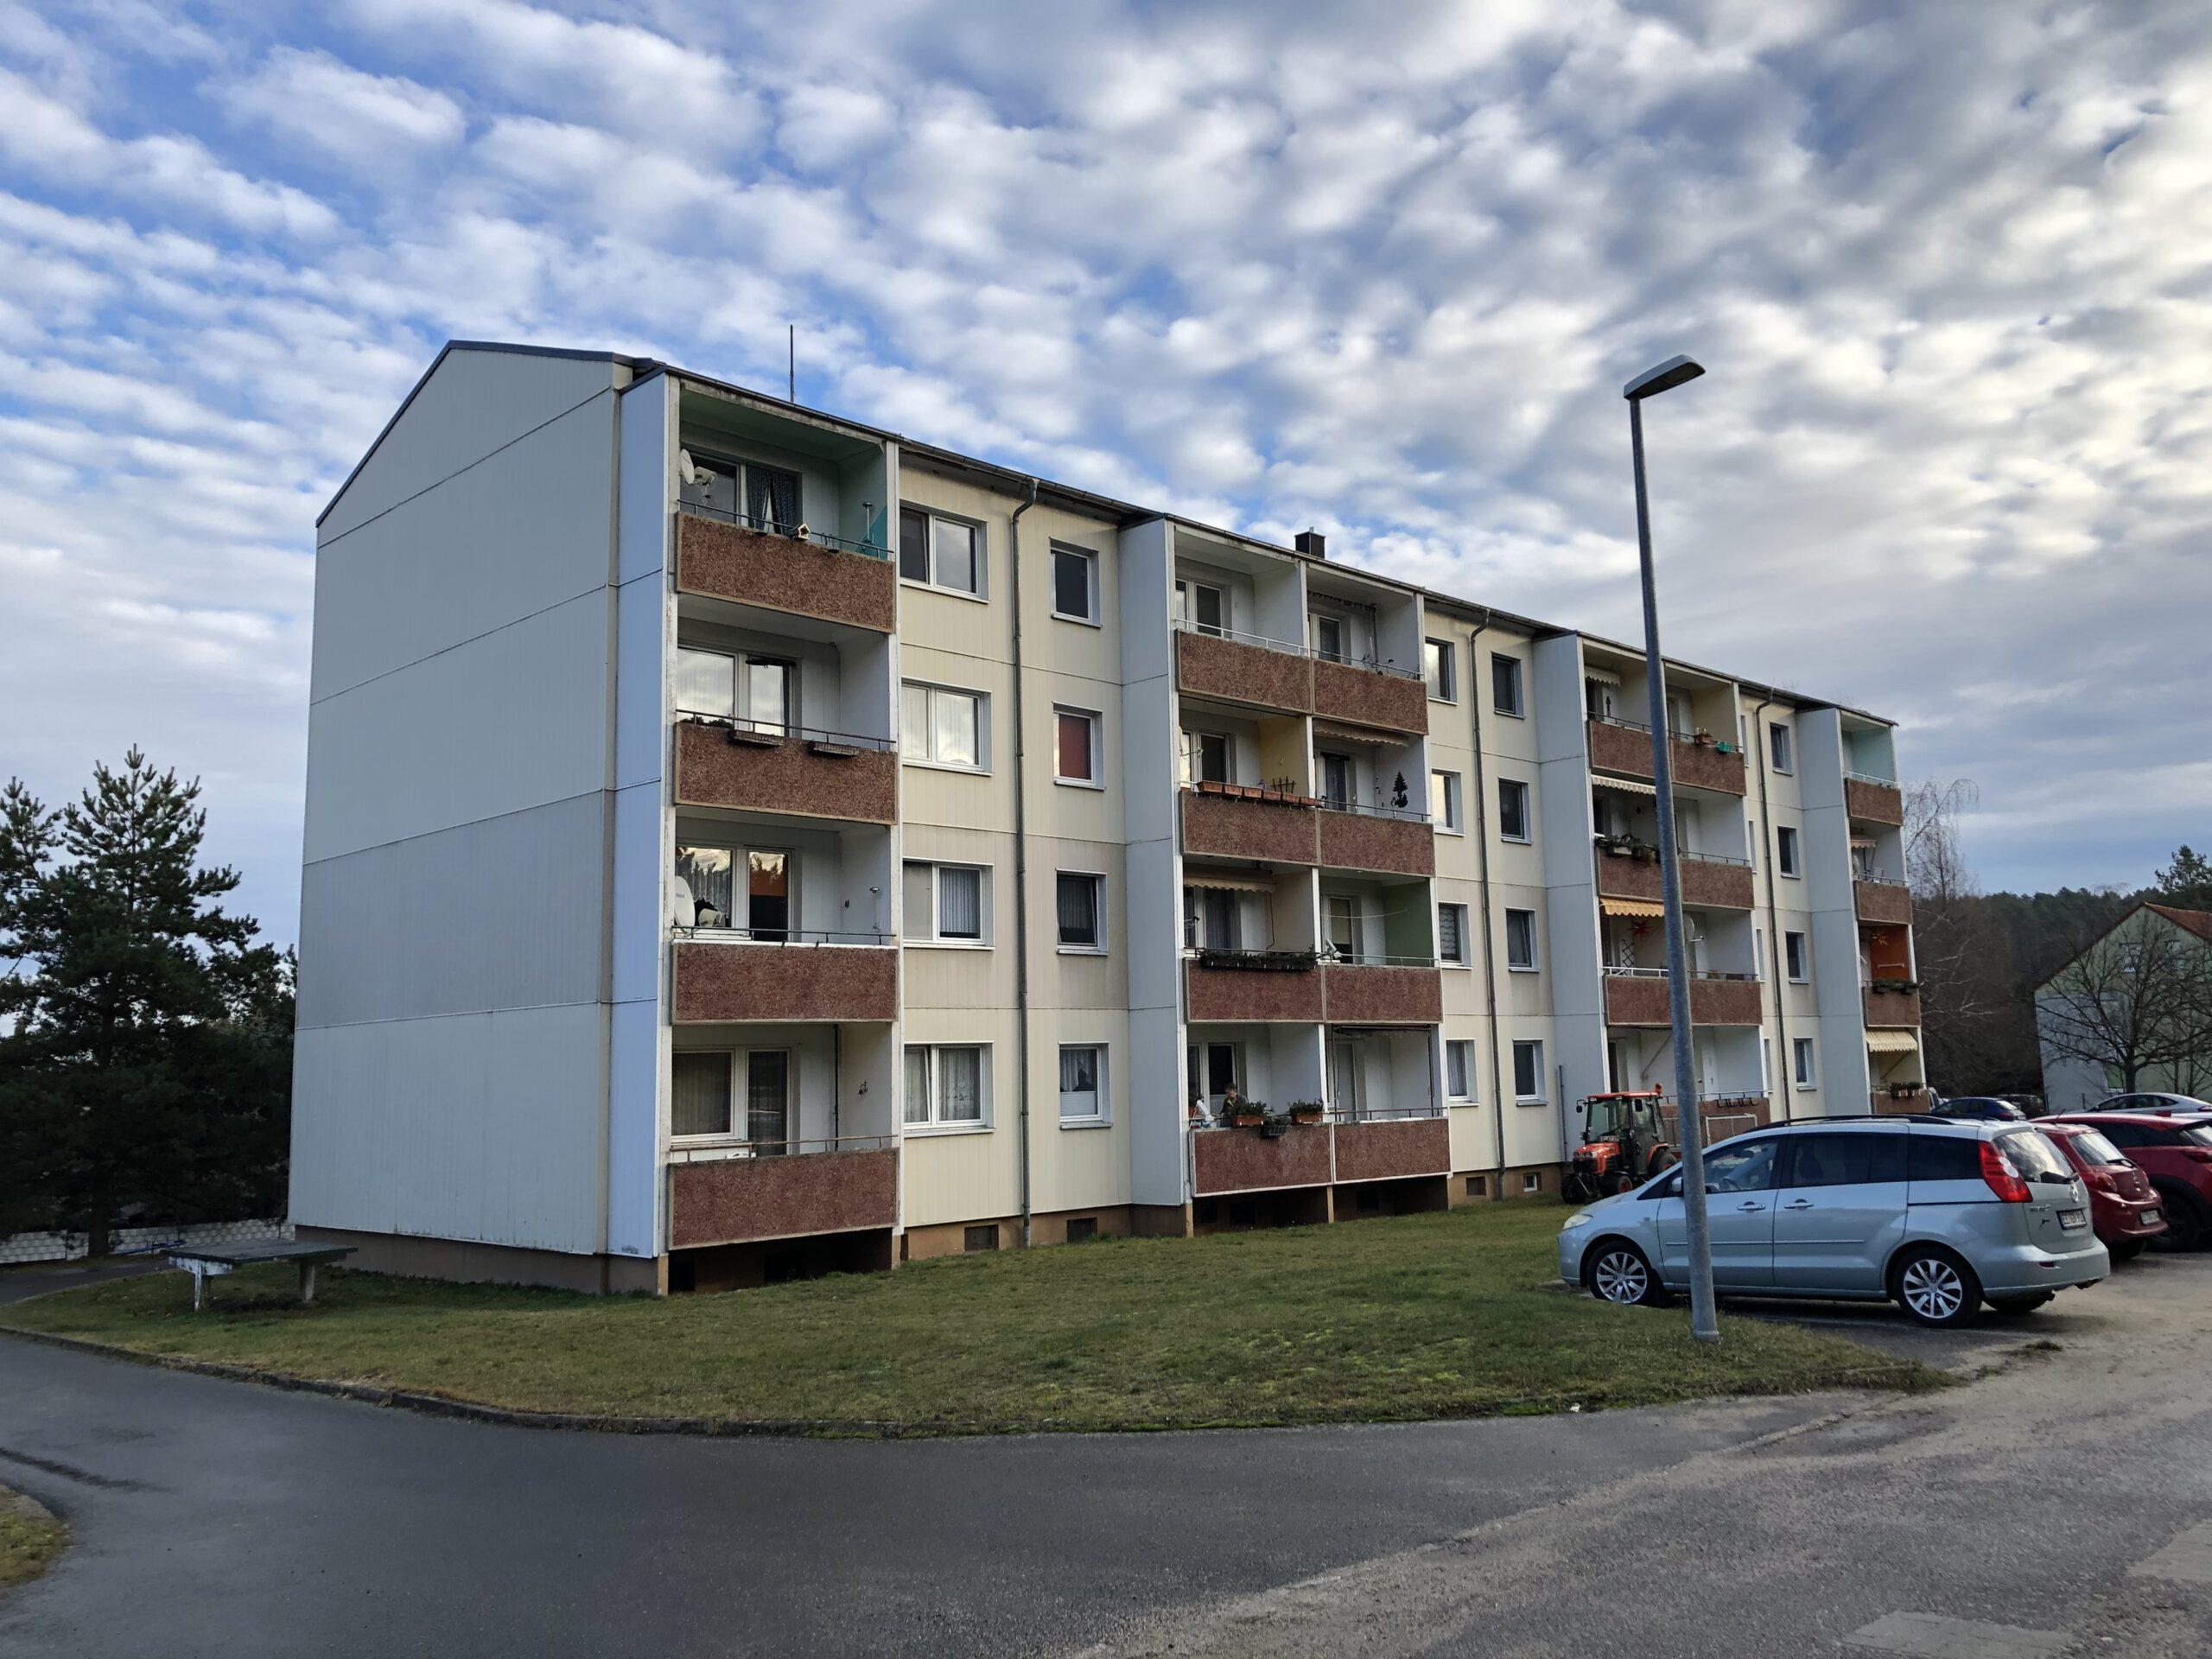 Gemütliche 4-Raum-Wohnung im Grünen